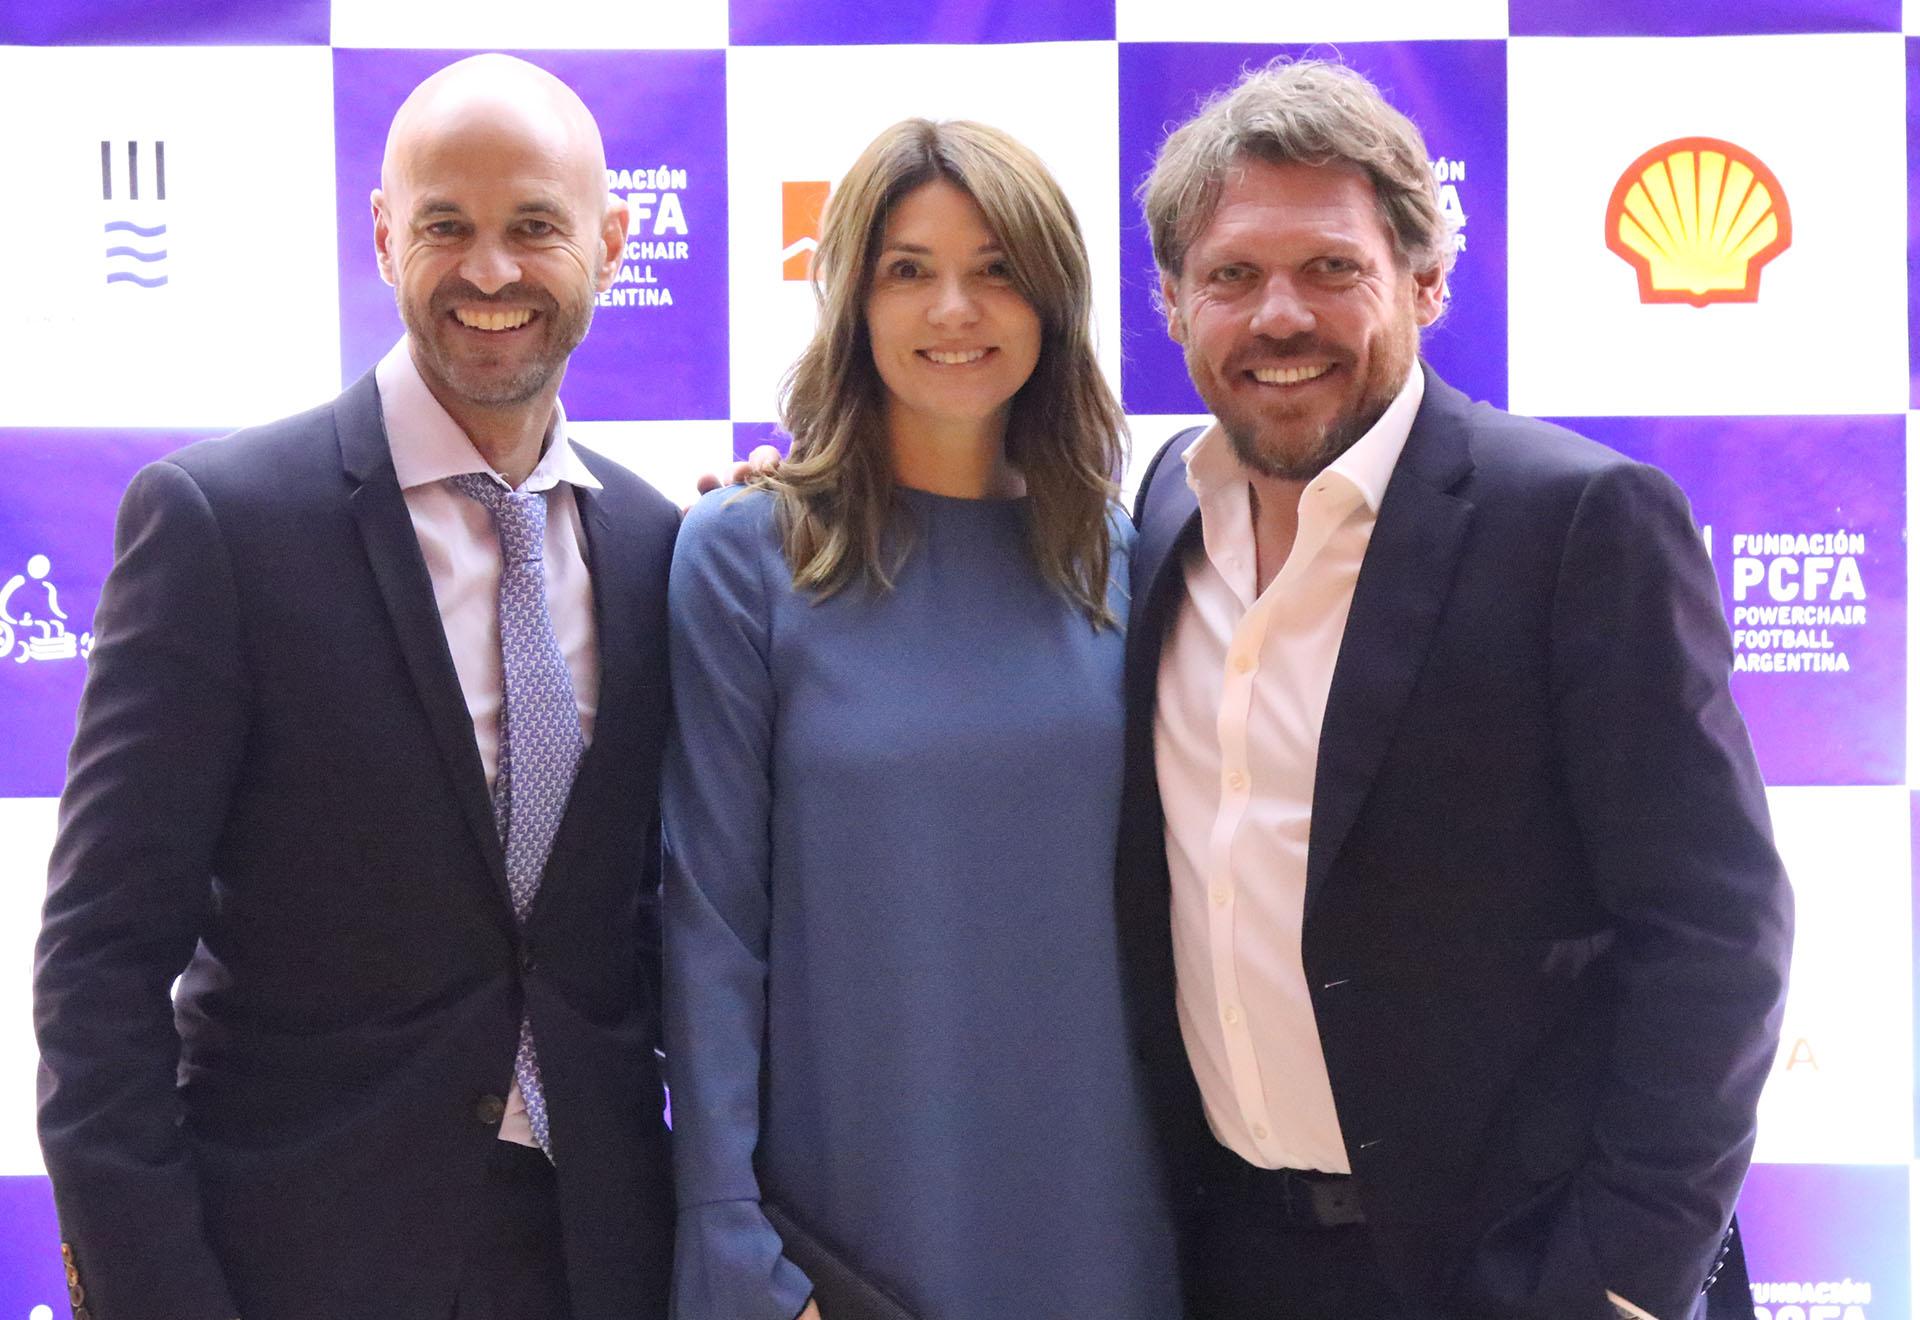 El ministro de Transporte, Guillermo Dietrich y su mujer, Javiera Álvarez Echagüe, junto a Mariano Zegarelli,fundador de Powerchair Football Argentina